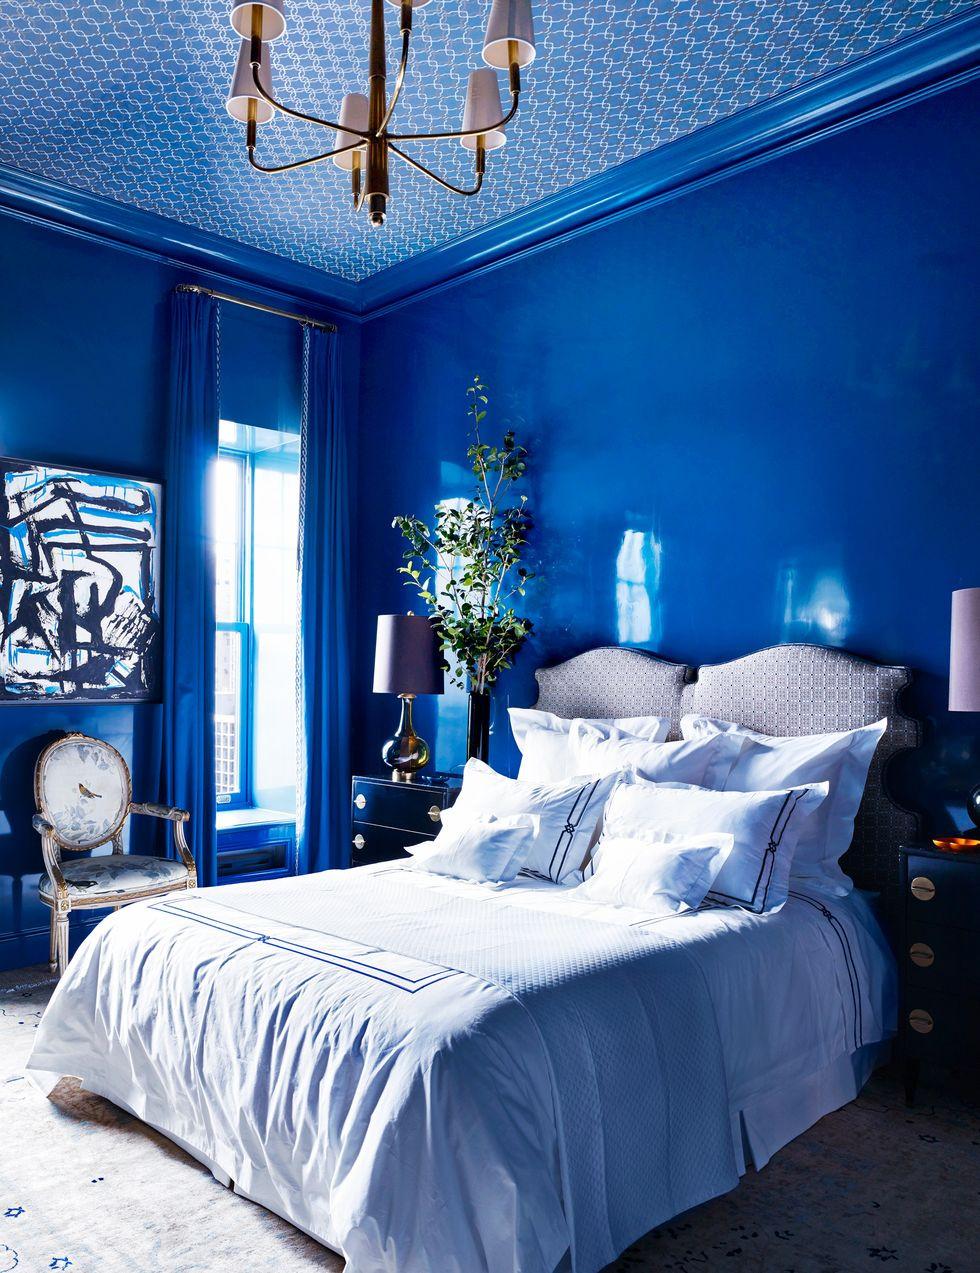 أفضل ألوان غرف النوم - الأزرق